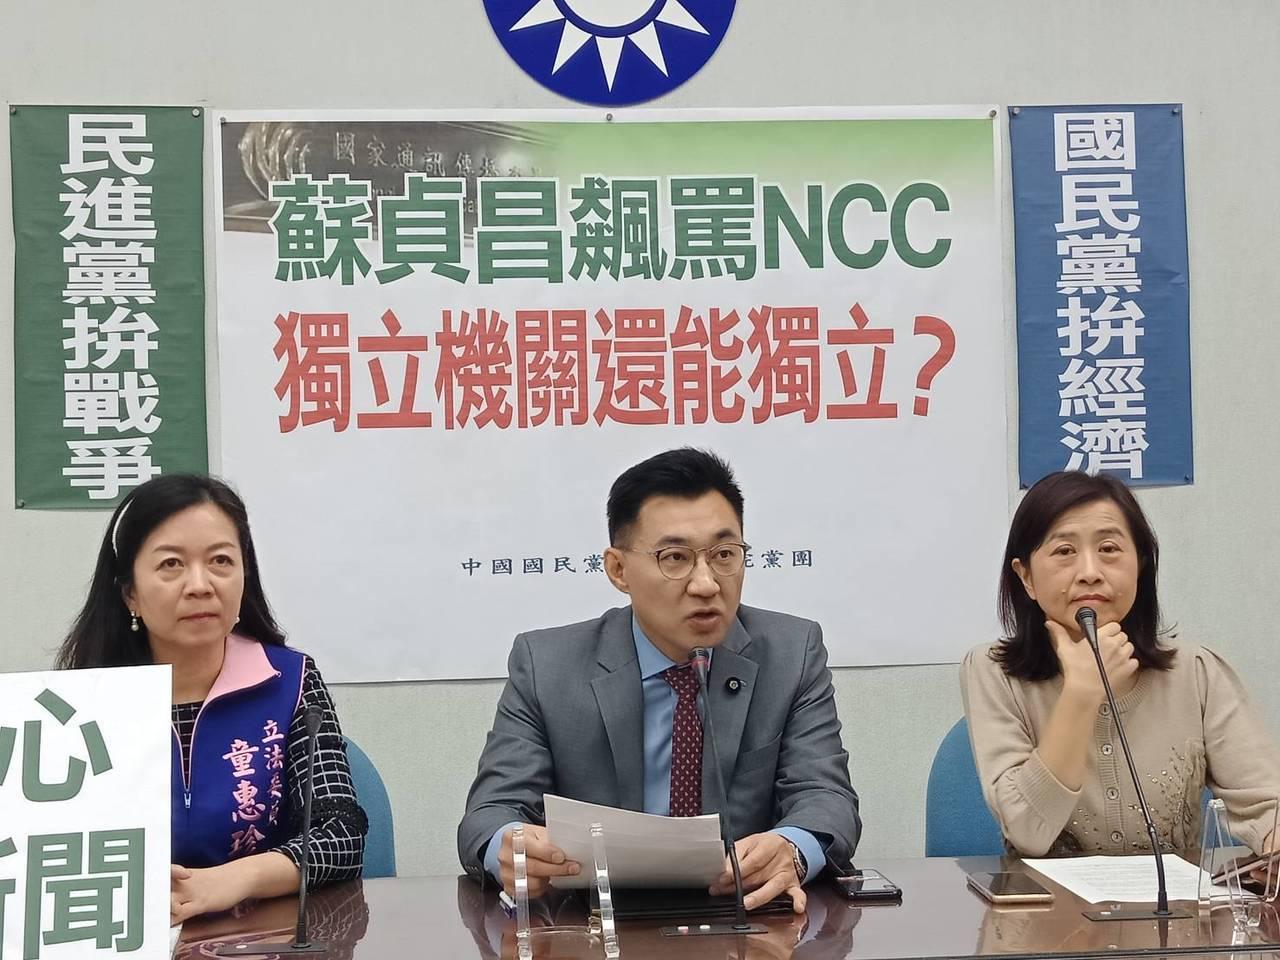 國民黨團舉行「蘇貞昌飆罵NCC 獨立機關還能獨立?」記者會。圖/國民黨團提供